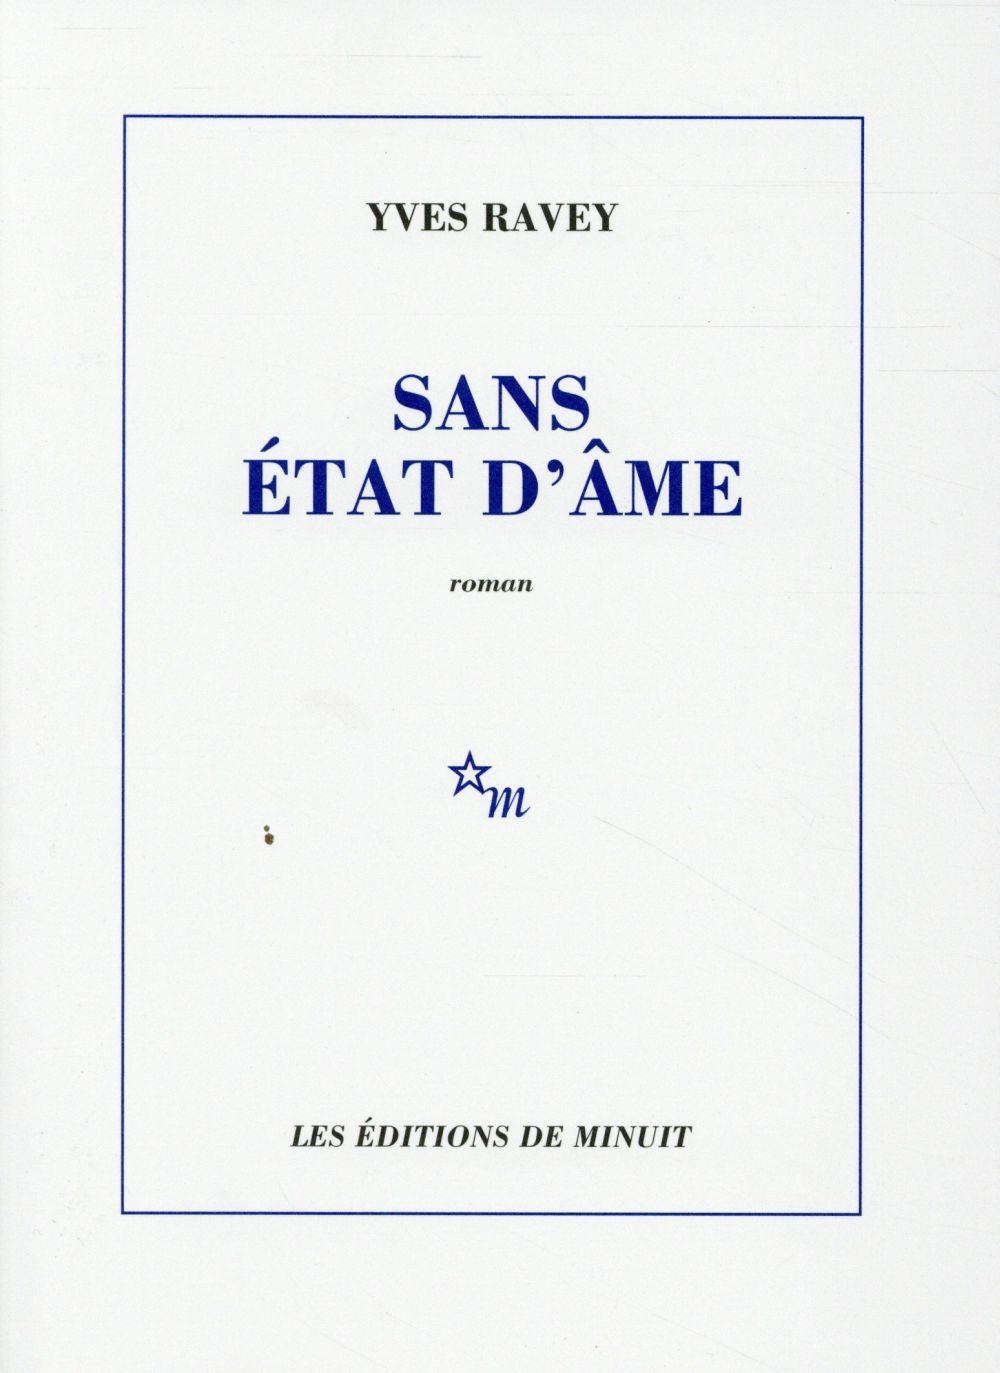 SANS ETAT D'AME